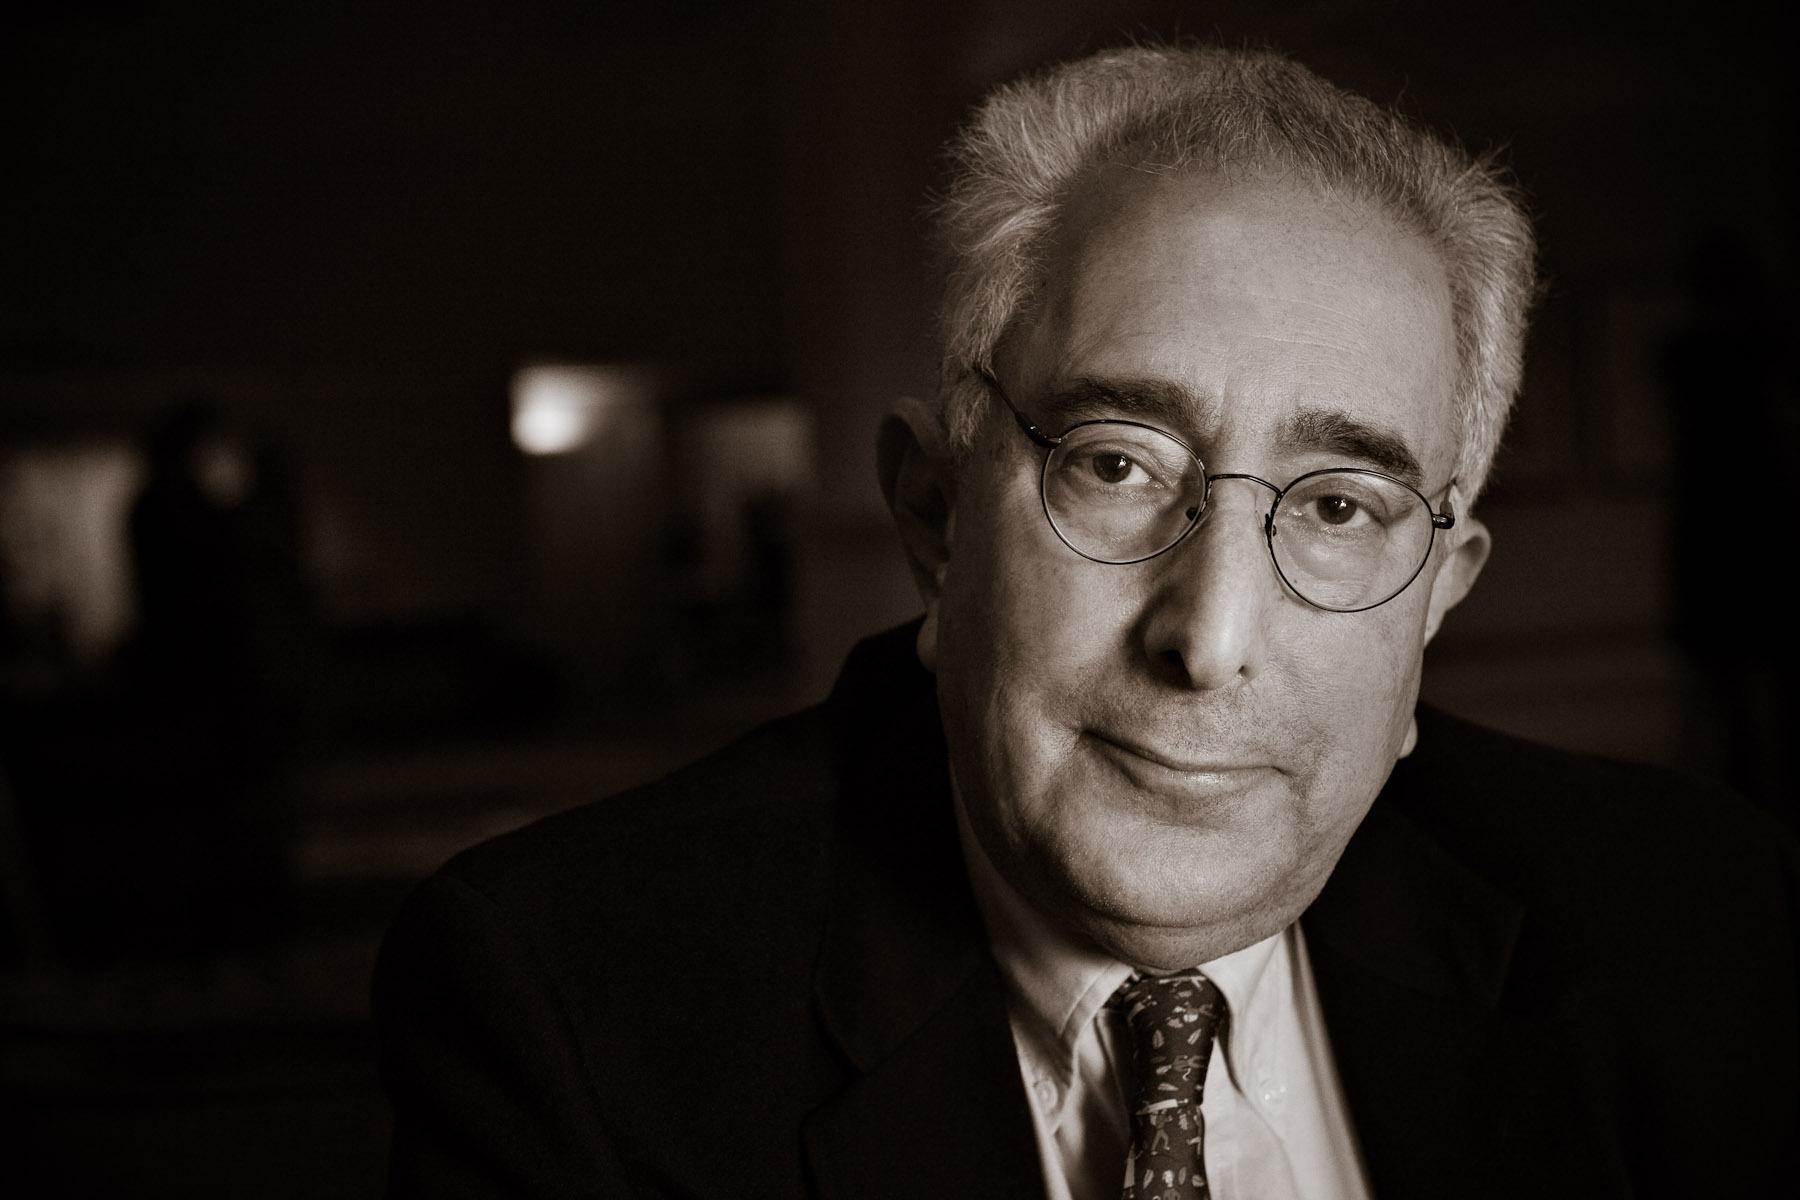 Ben-Stein-1-2 Featured Political Speakers